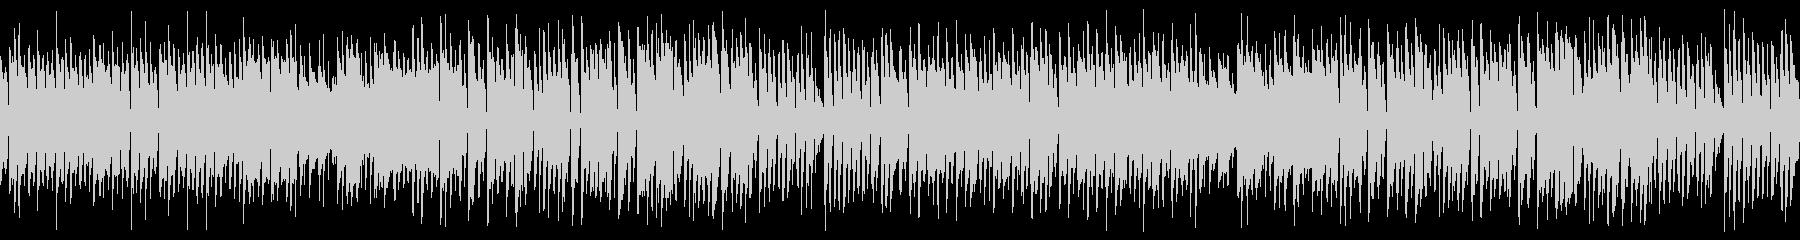 ハロウィン向けポップなホラーループ楽曲の未再生の波形